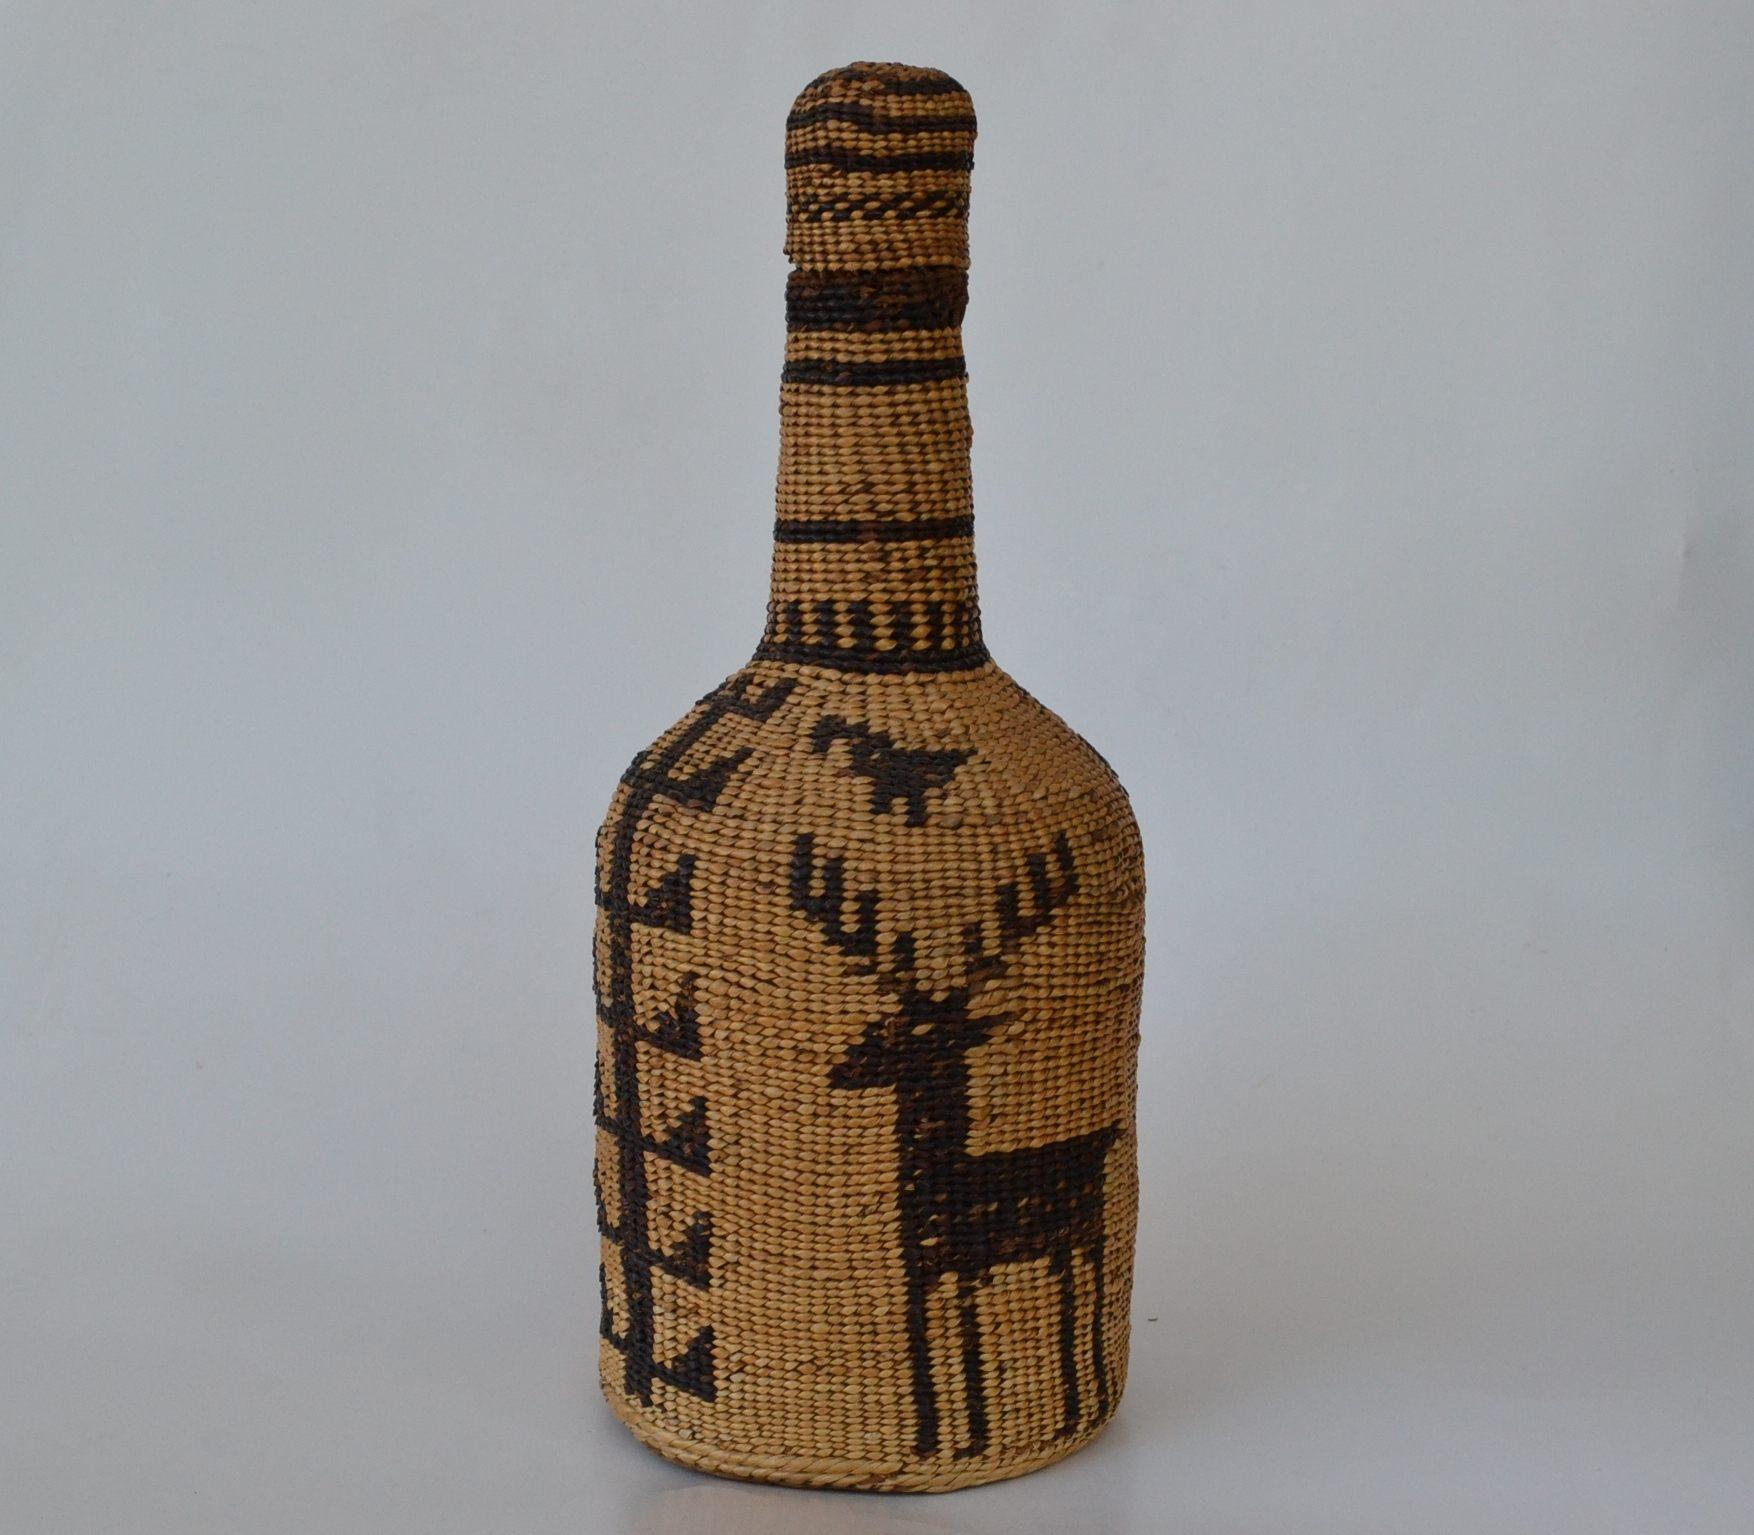 woven bottle pitt river hat creek baksets